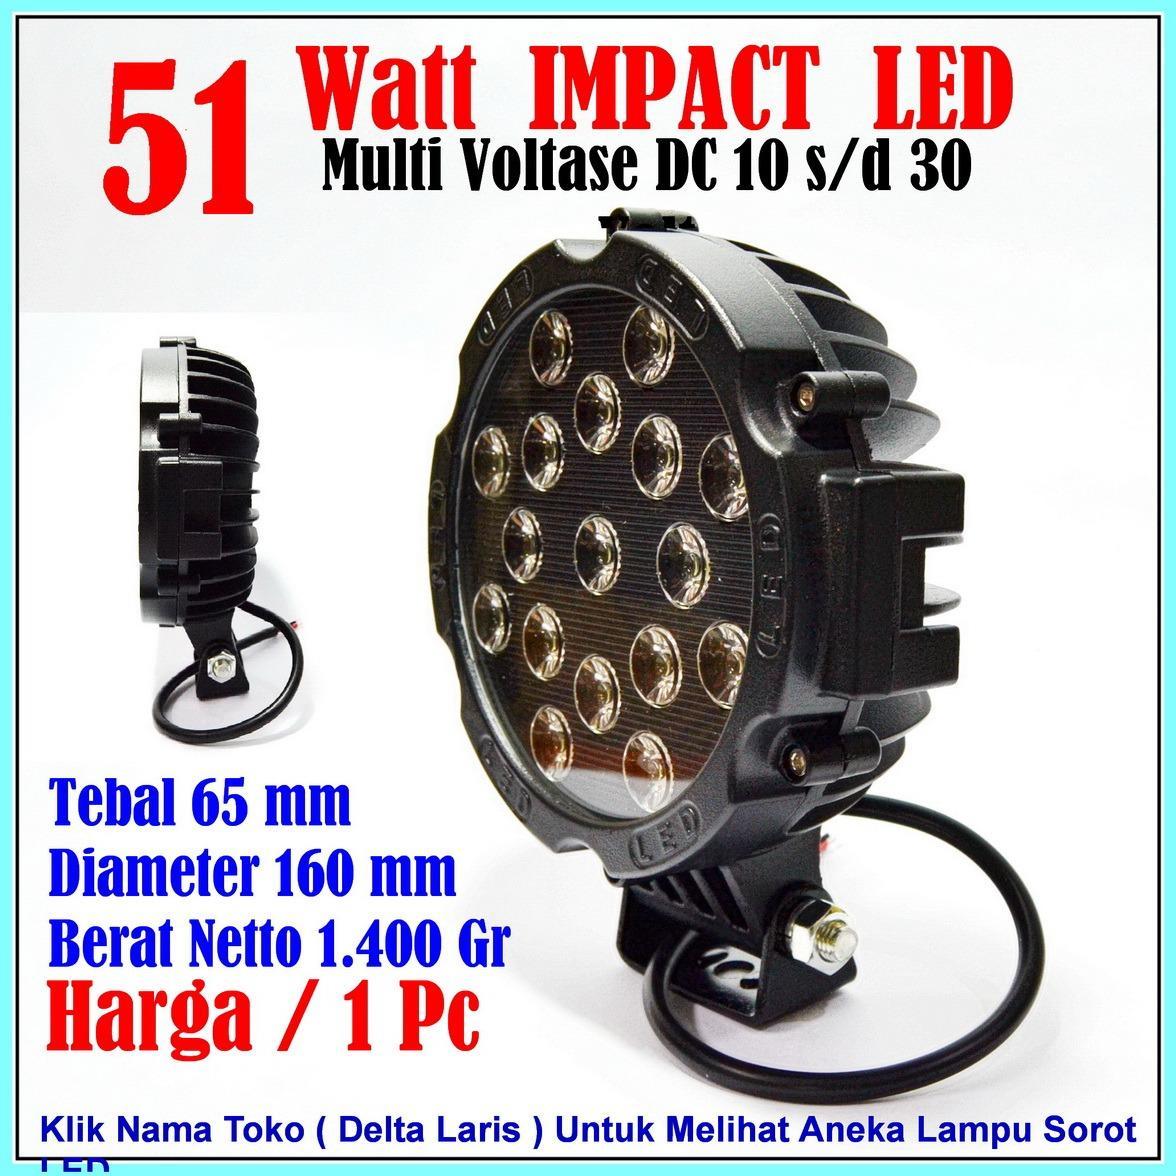 Lampu Sorot LED 51 Watt Black Lampu Tembak LED Spot Light Work Light LED 51W 12 V - 24 V 12 Volt - 24 Volt untuk Mobil Motor Offroad Truk Alat berat